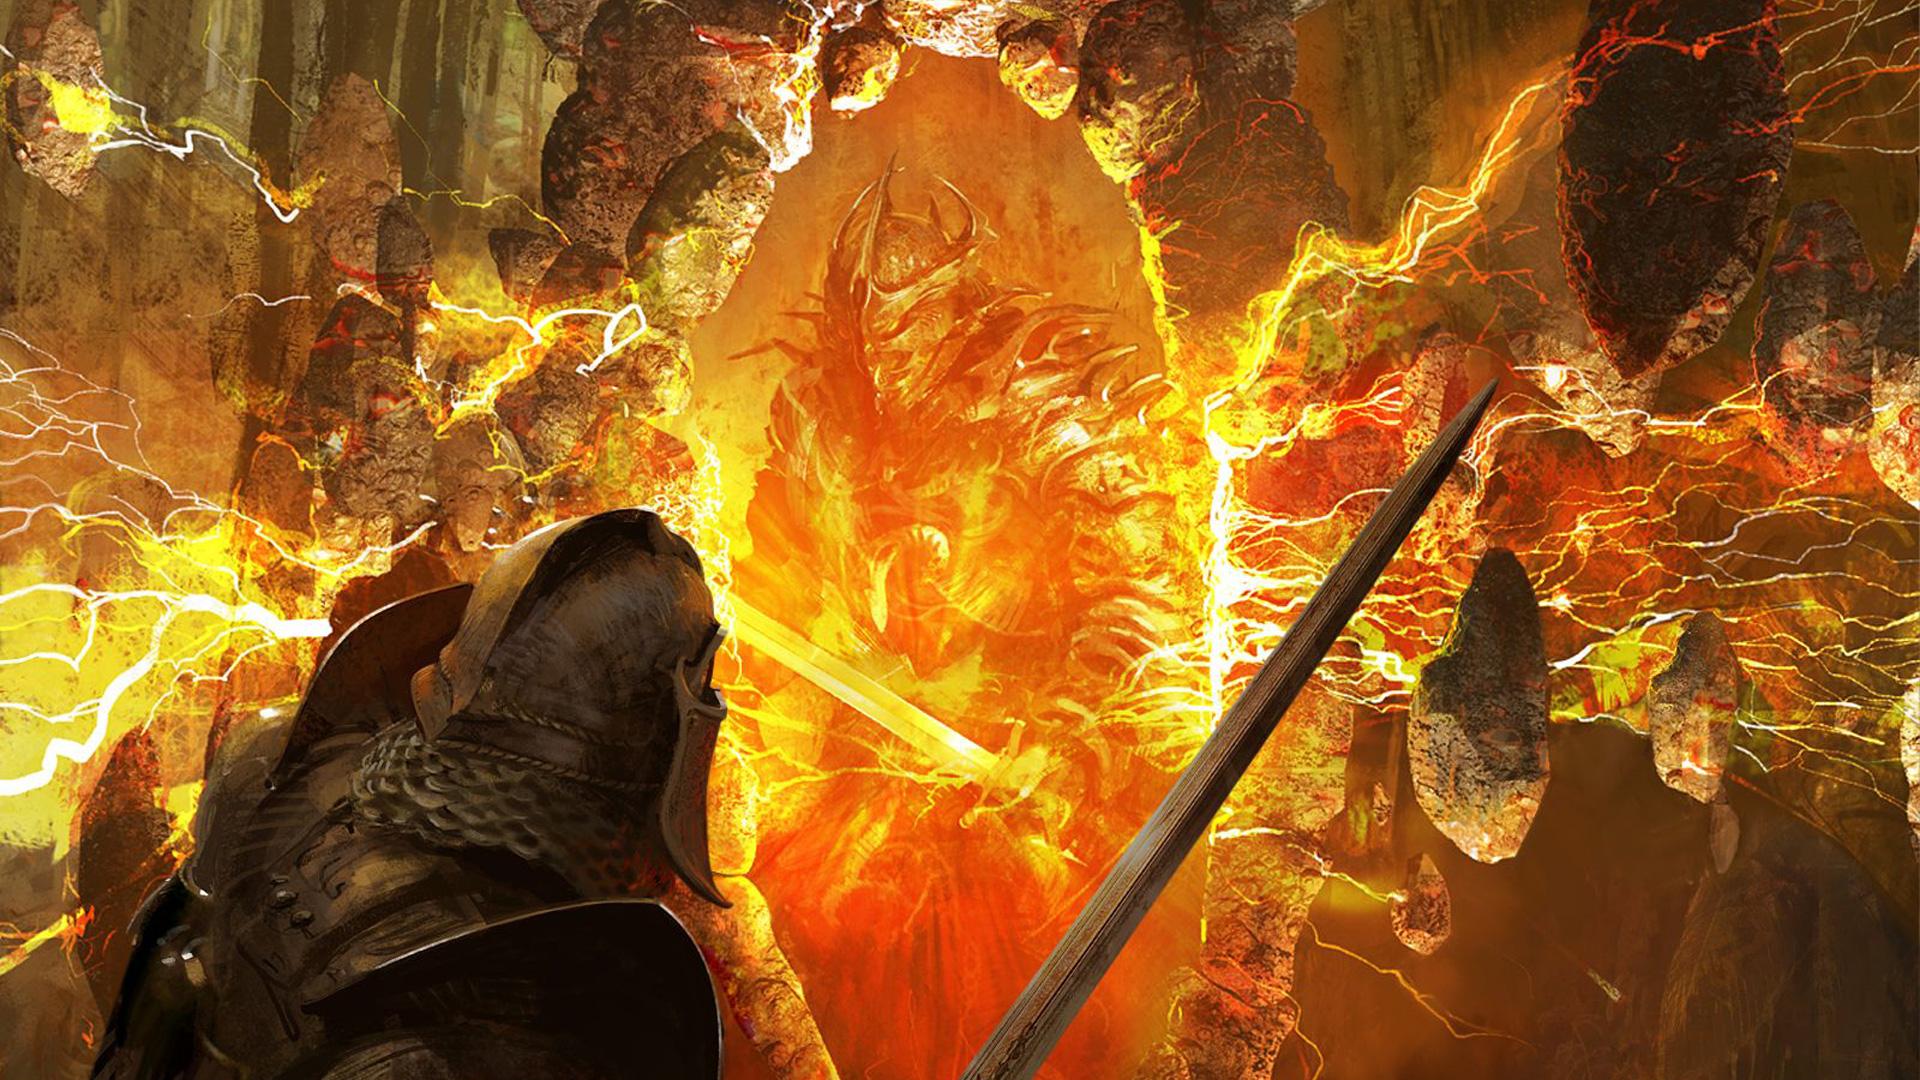 The Elder Scrolls IV: Oblivion Wallpaper in 1920x1080